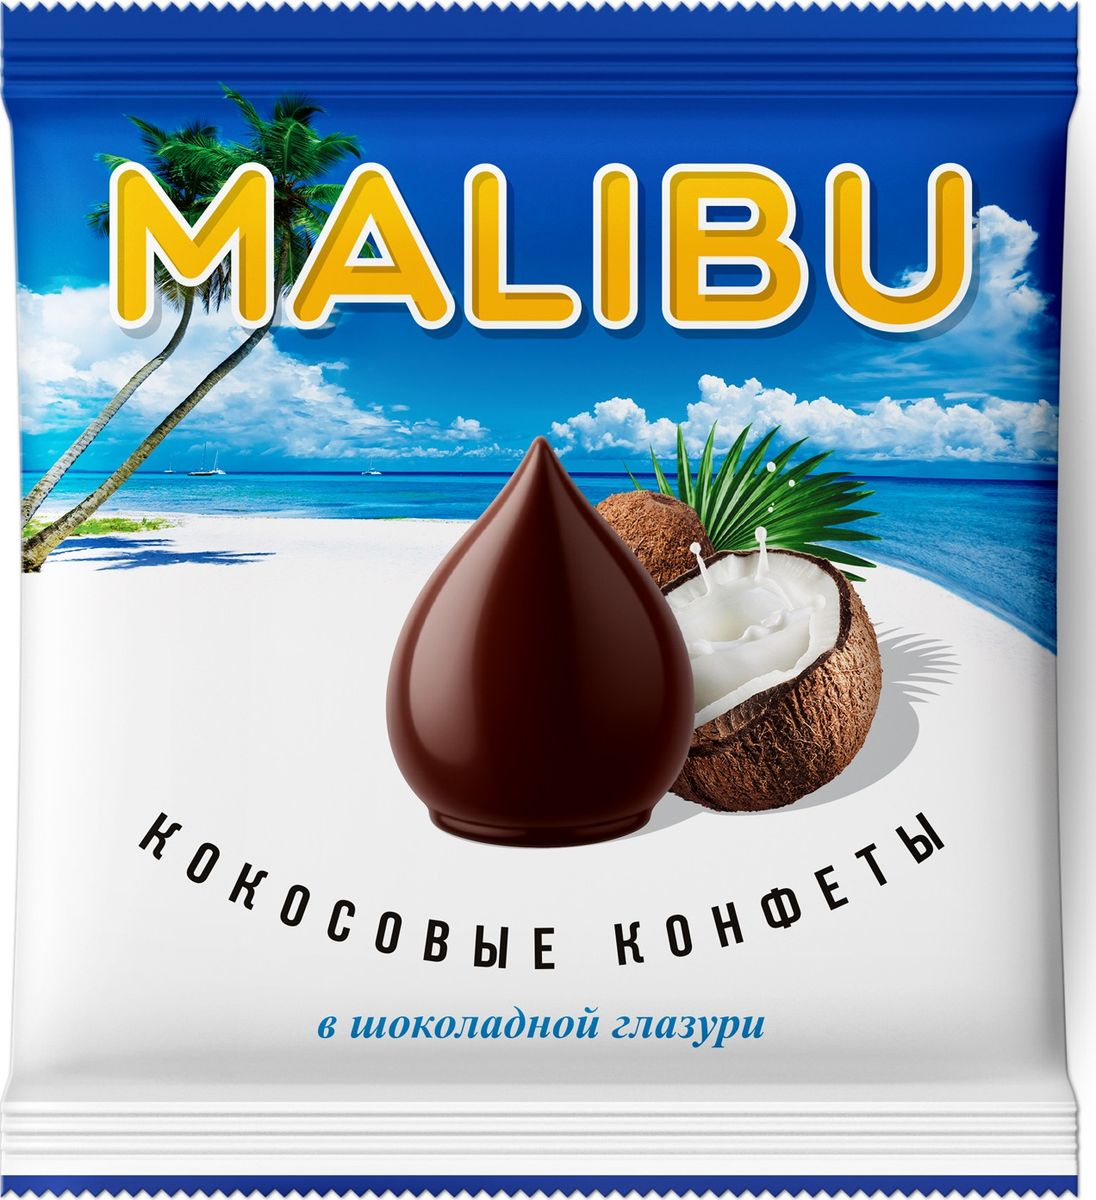 Malibu Кокос в шоколадной глазури конфеты, 140 г16.8054Конфеты MALIBU созданы из мякоти отборных кокосов, сорванных на далеких тропических островах, и покрыты нежнейшей молочной шоколадной глазурью.Это изумительное сочетание вкуса как ничто другое ассоциируется с самыми прекрасными местами планеты, где